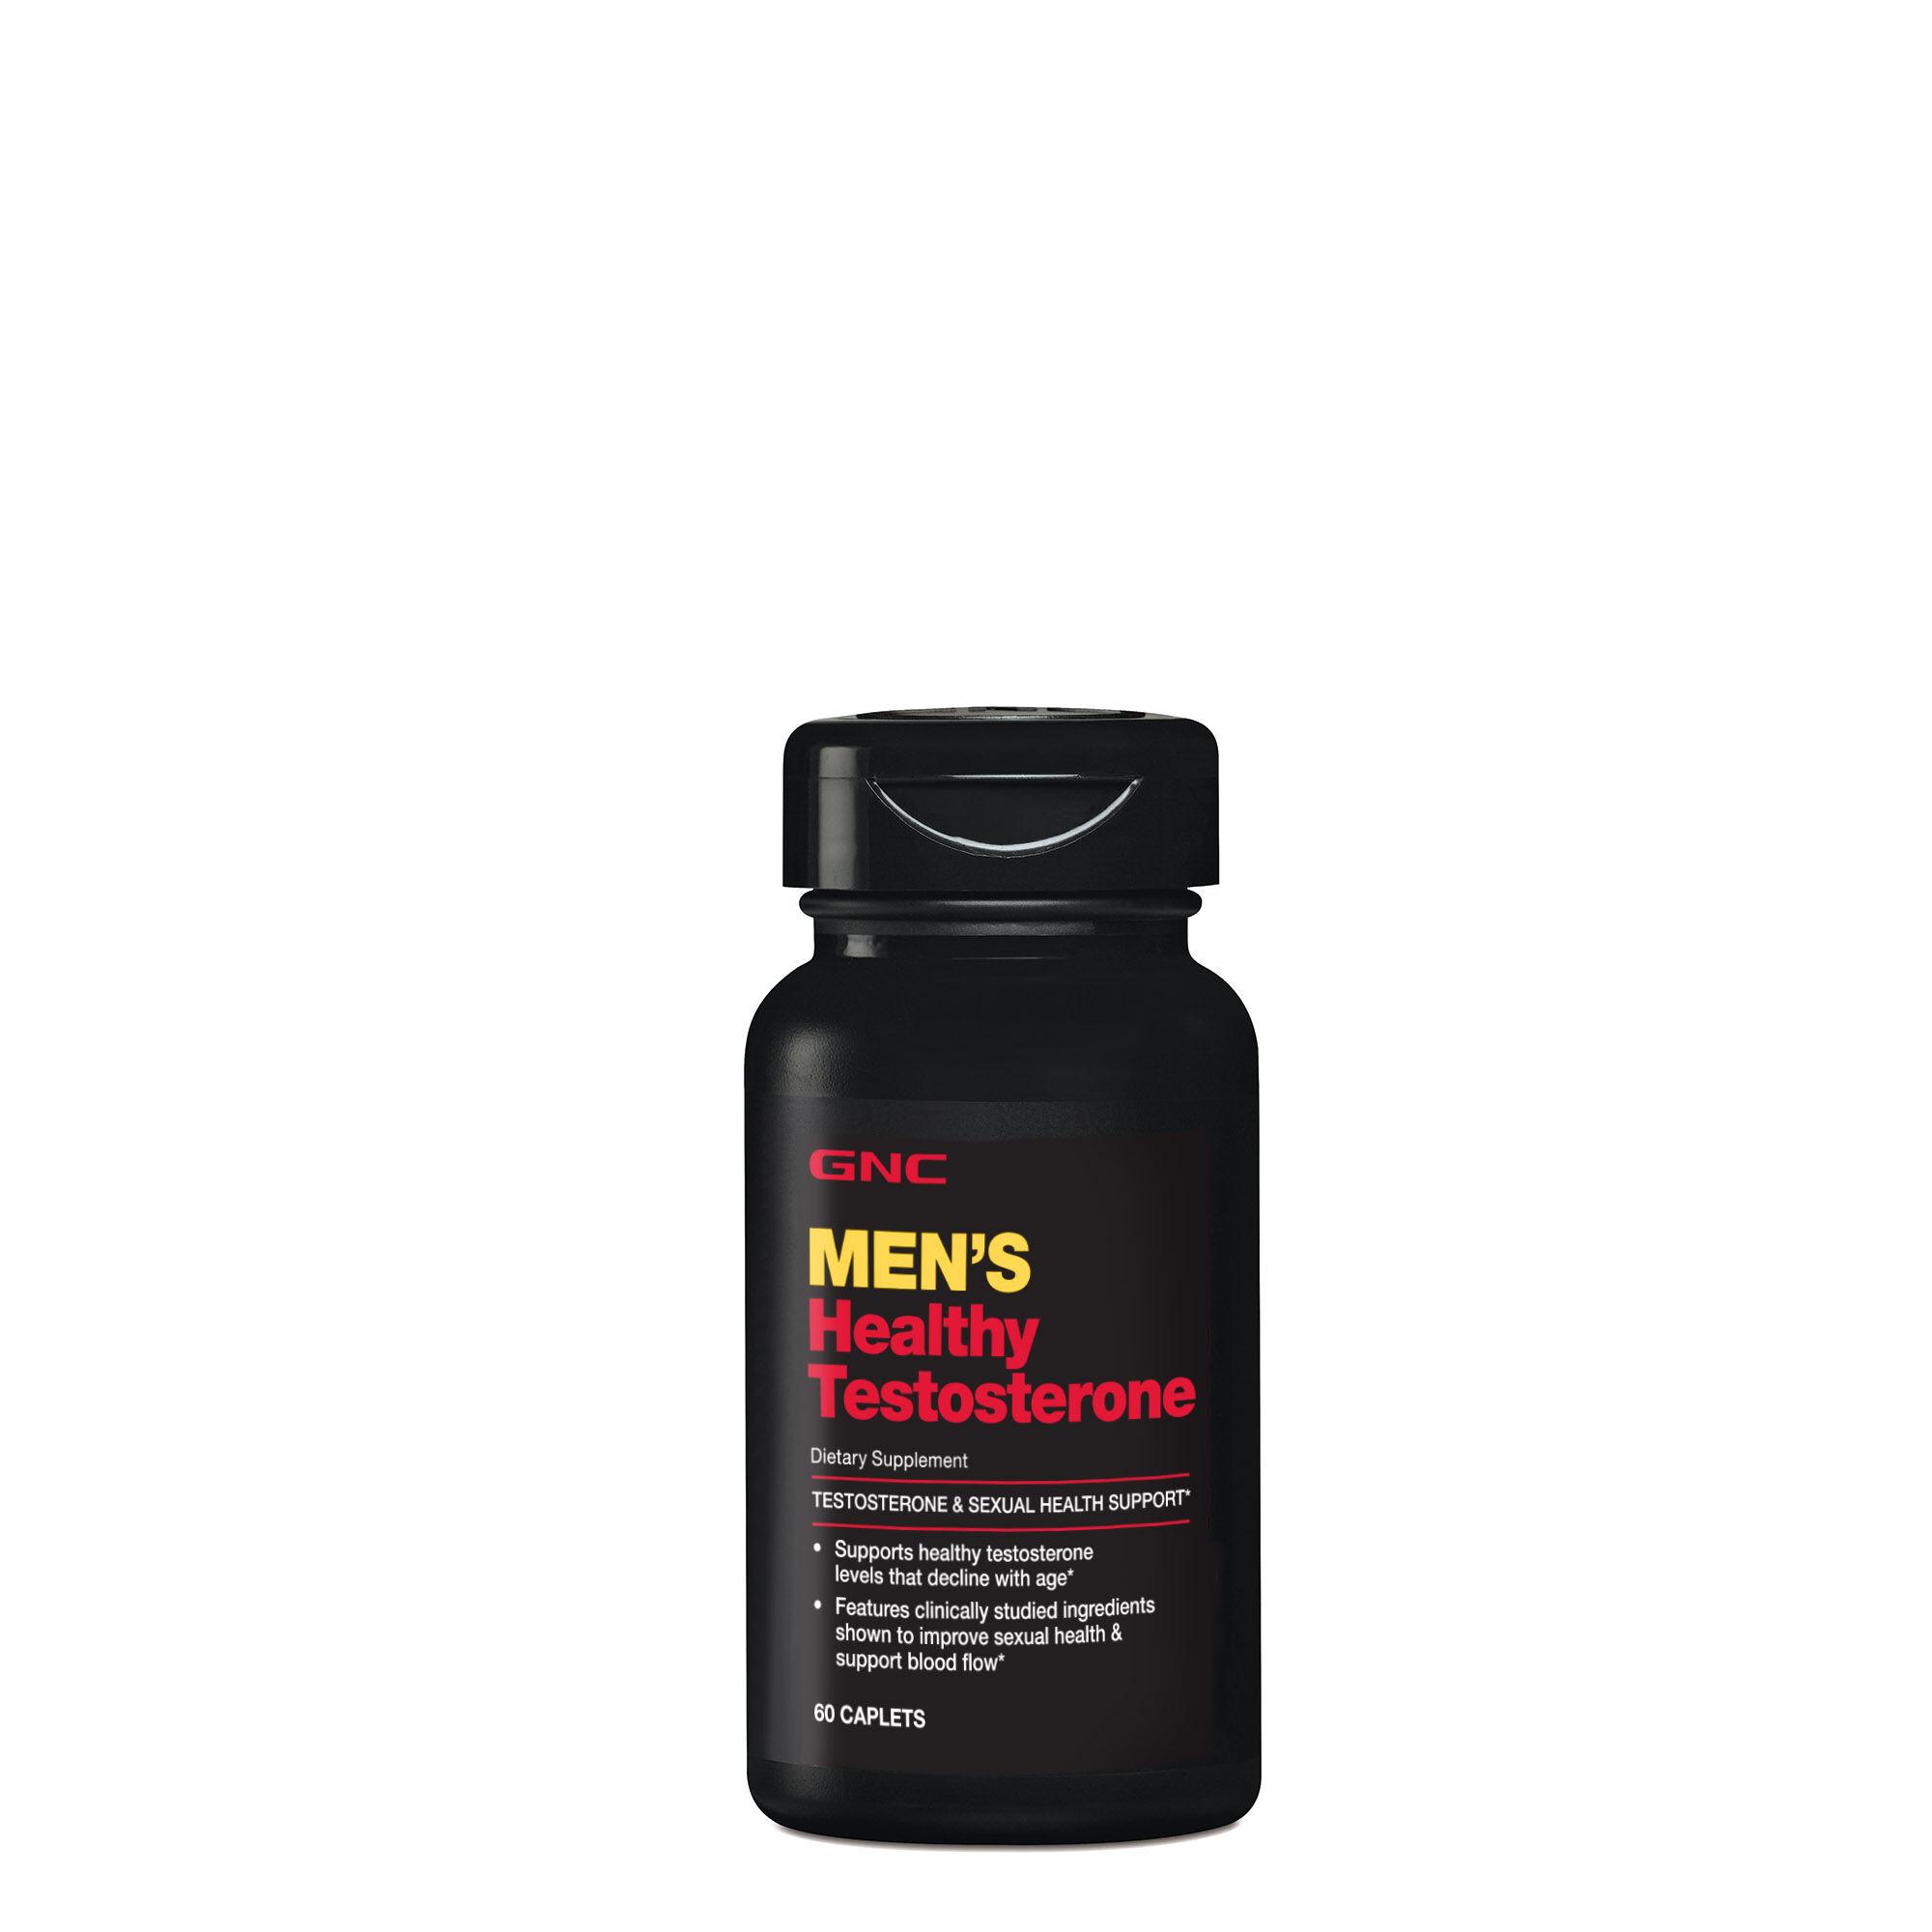 Men's Healthy Testosterone GNC